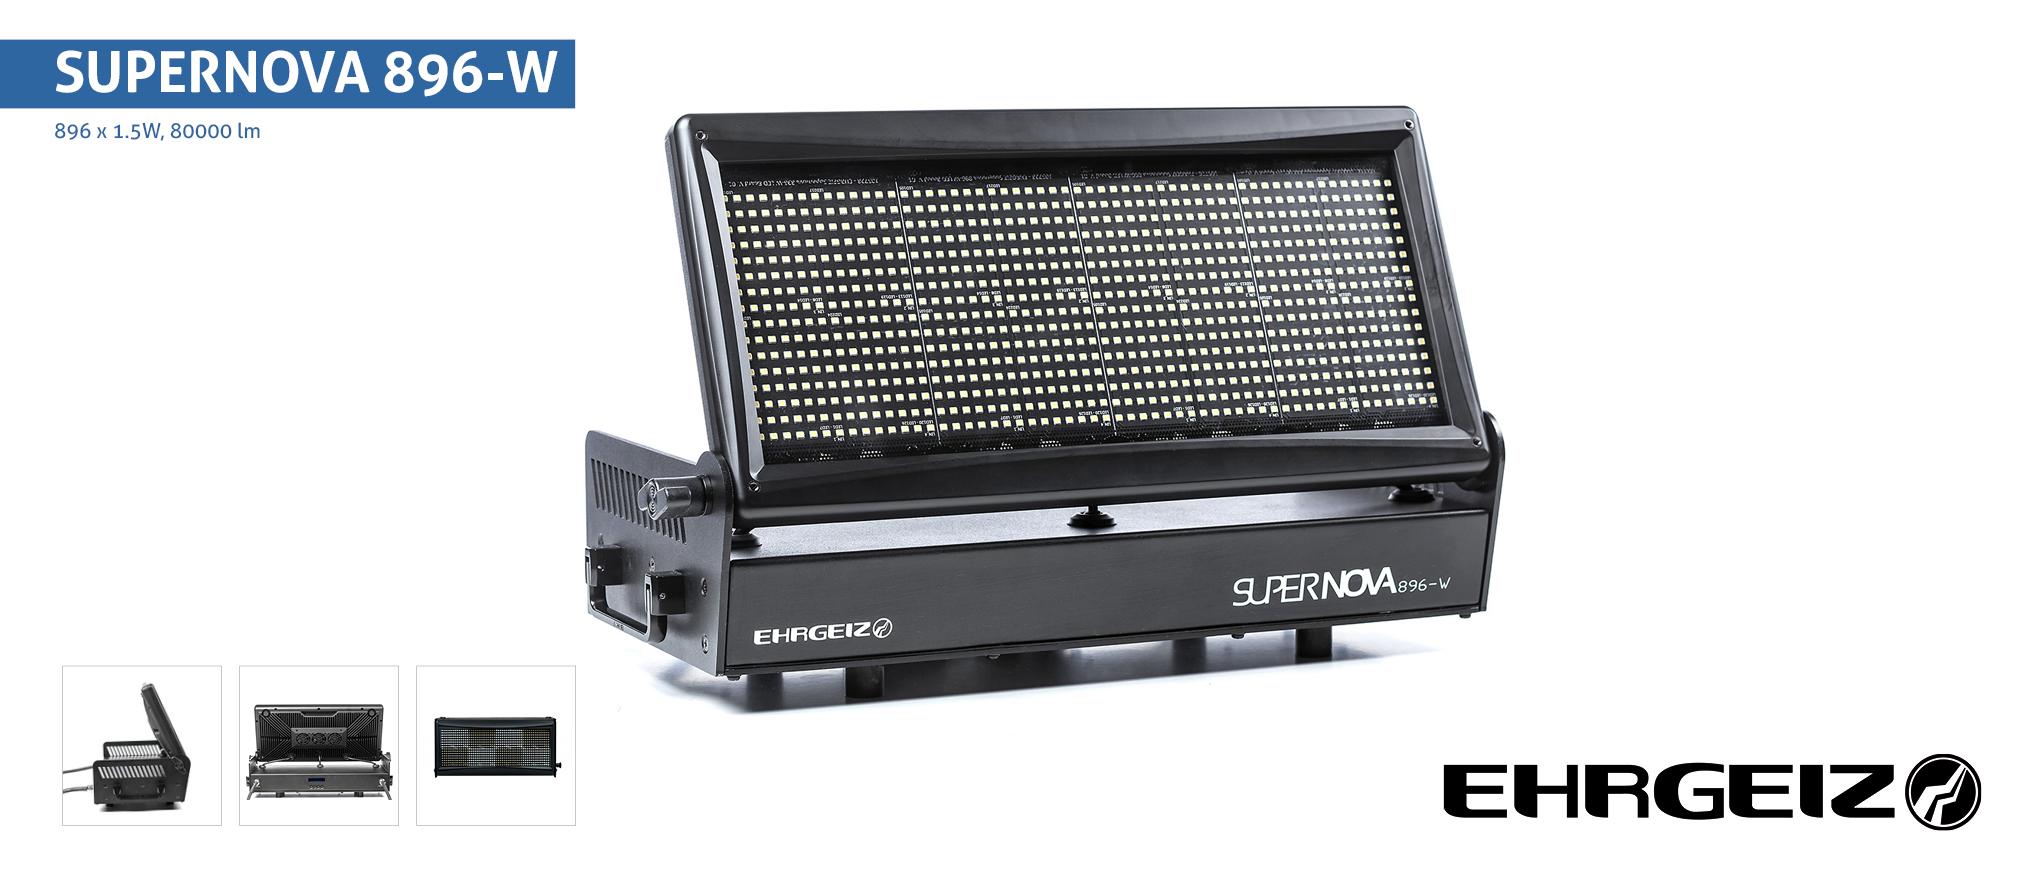 EHRGEIZ  LED SUPERNOVA 896-W Stroboscope LED